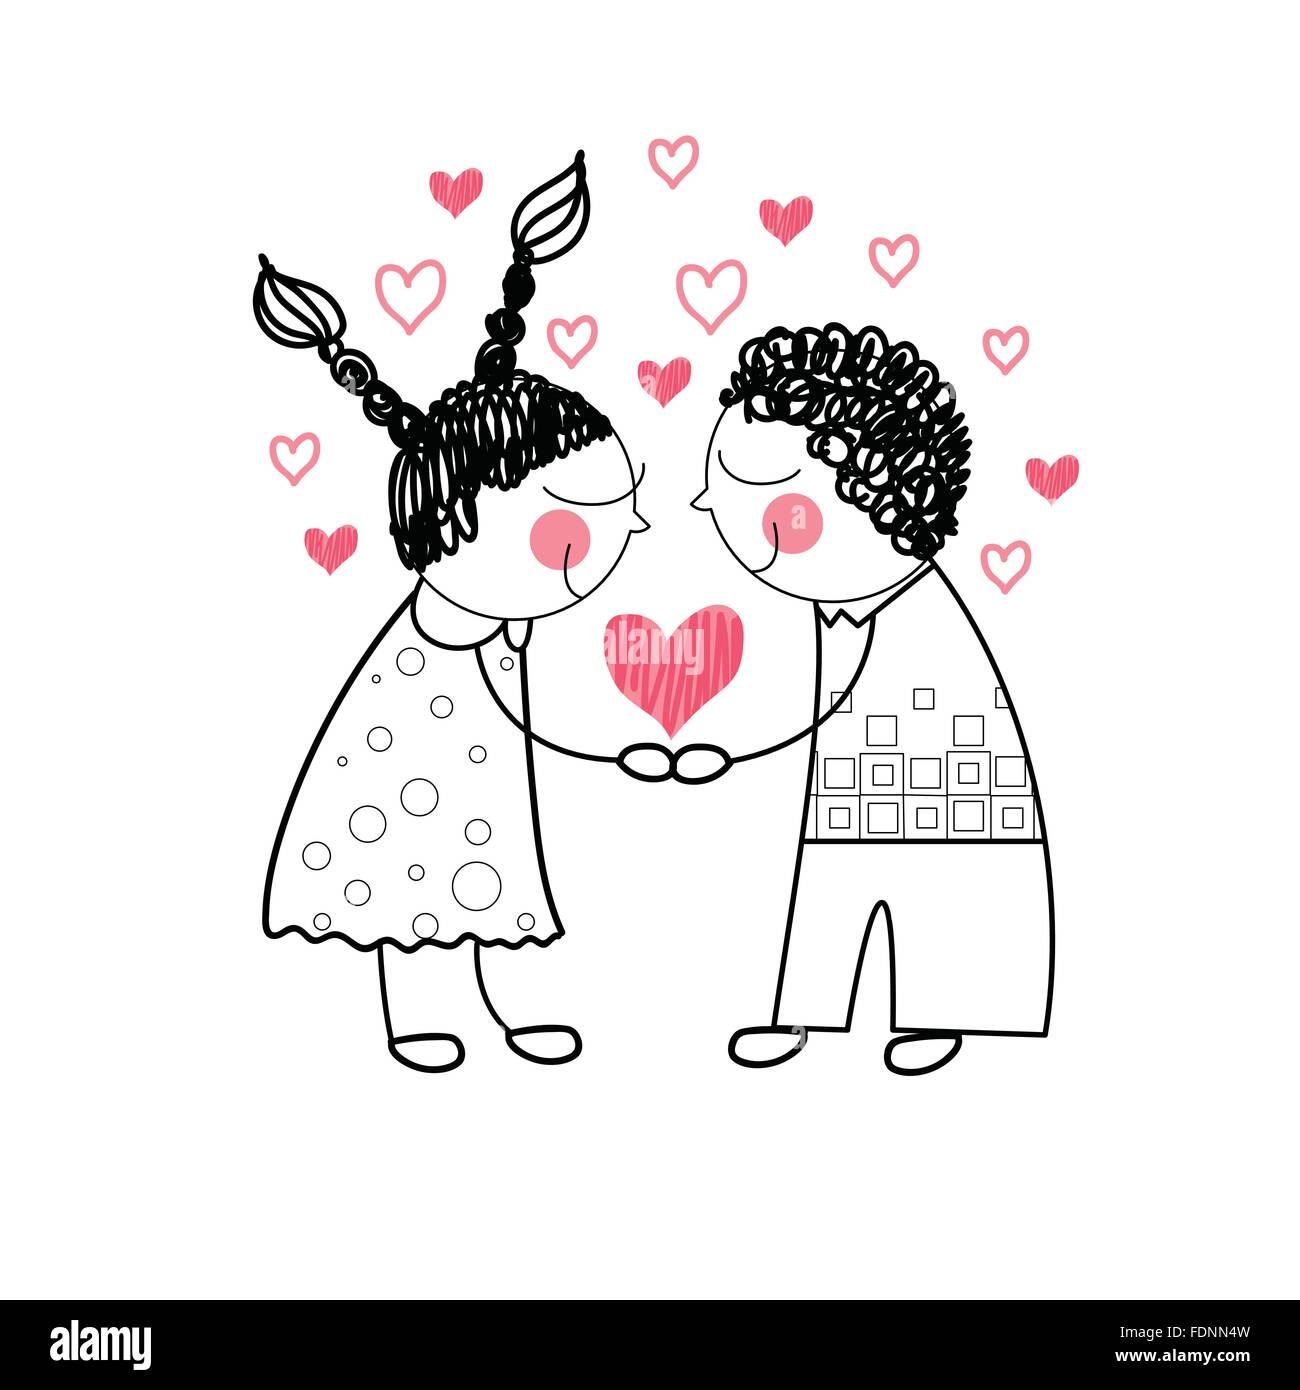 Forme De Coeur Rouge Amour Couple Holding Hands Ligne Simple Dessin